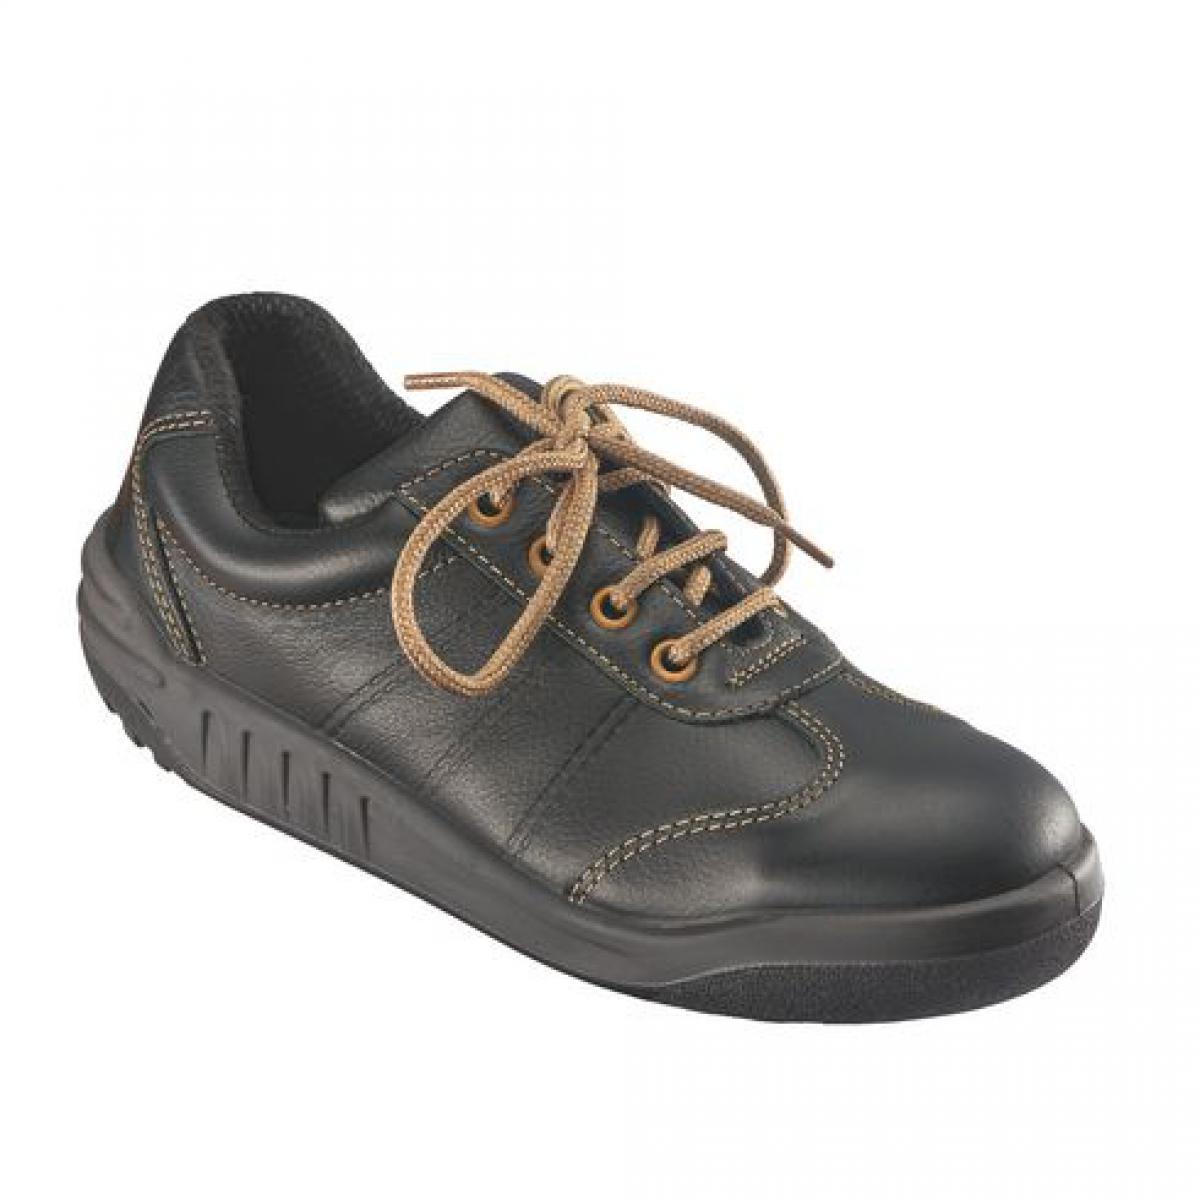 Parade Paire de chaussures basses femme Parade Josio - noir - Pointure 36